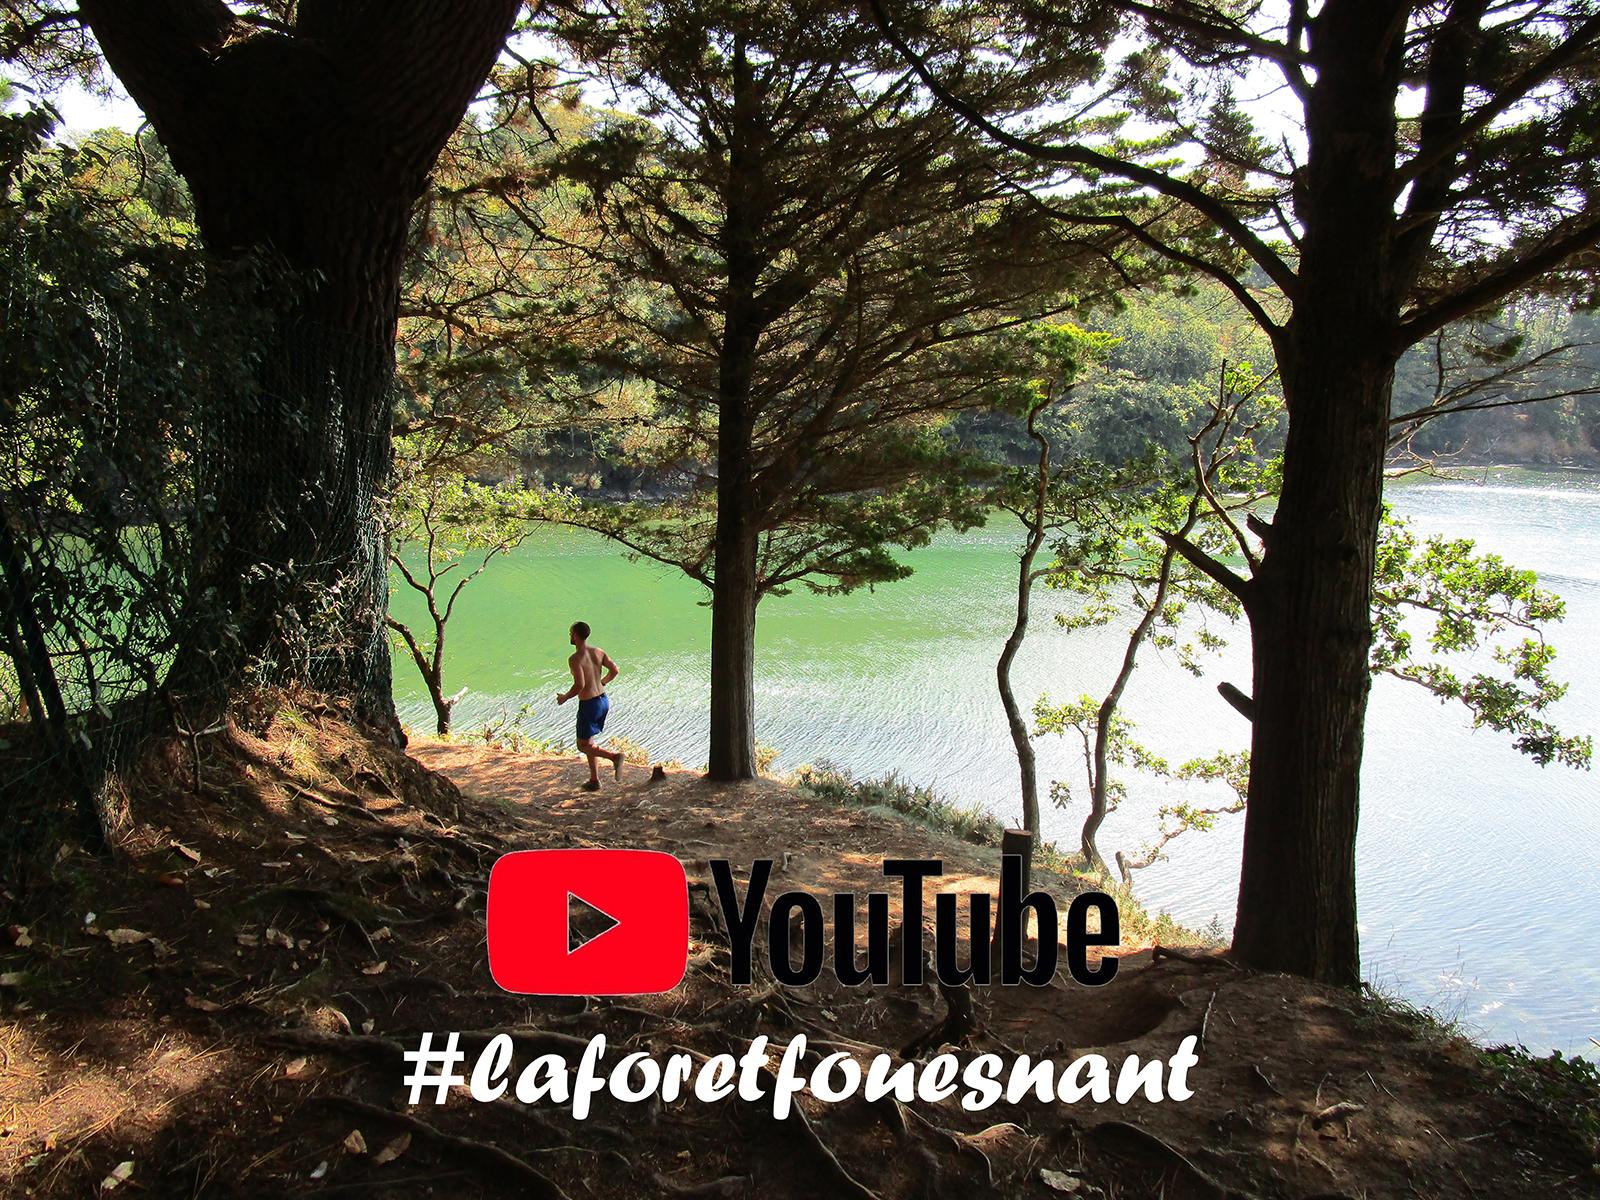 Chaîne Youtube LaForêtFouesnantTourisme